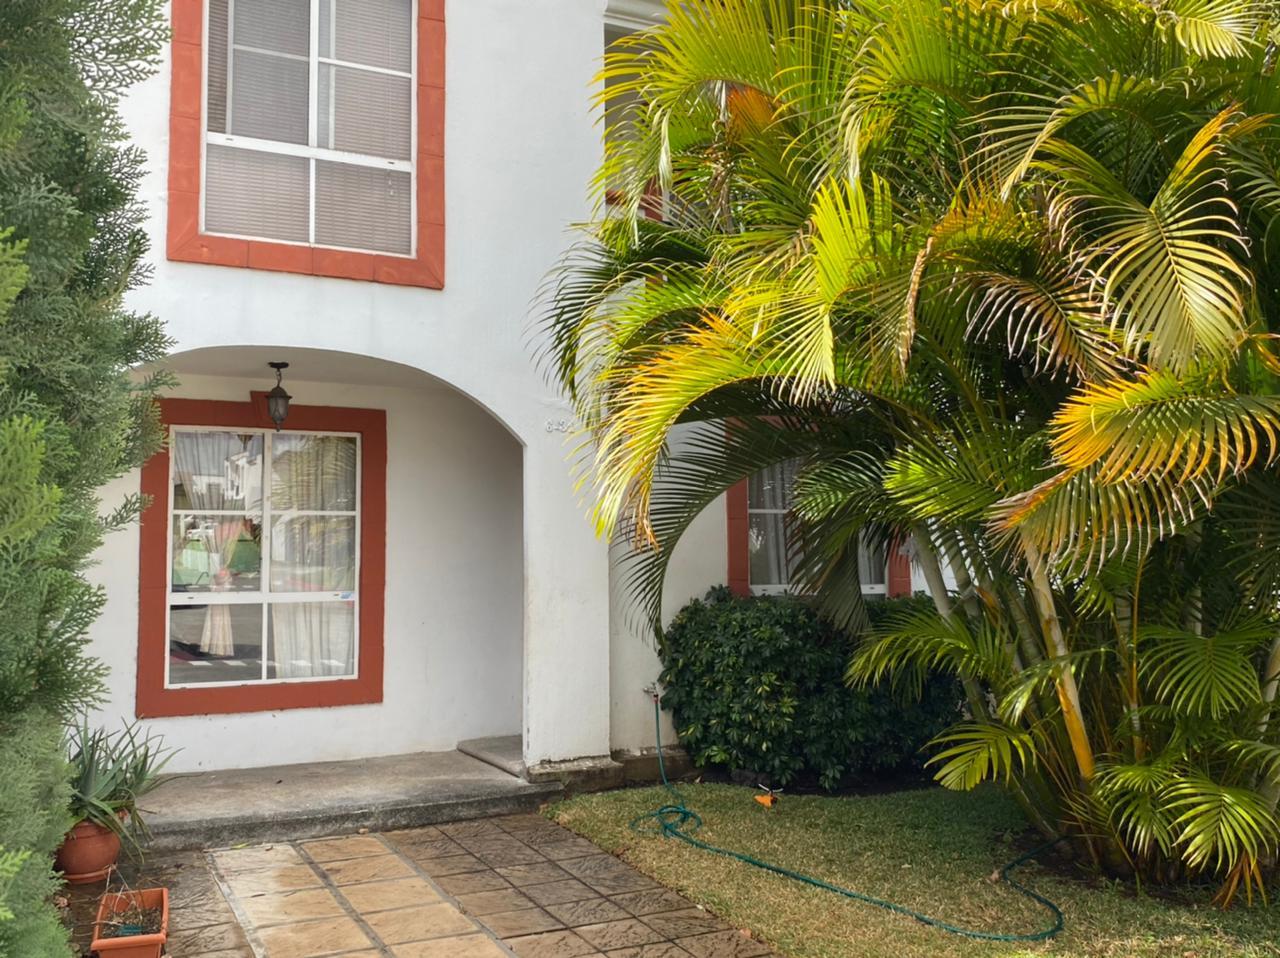 Casa en venta en Villa Nueva, condominio Alamedas de Santa Clara (precio negociable)